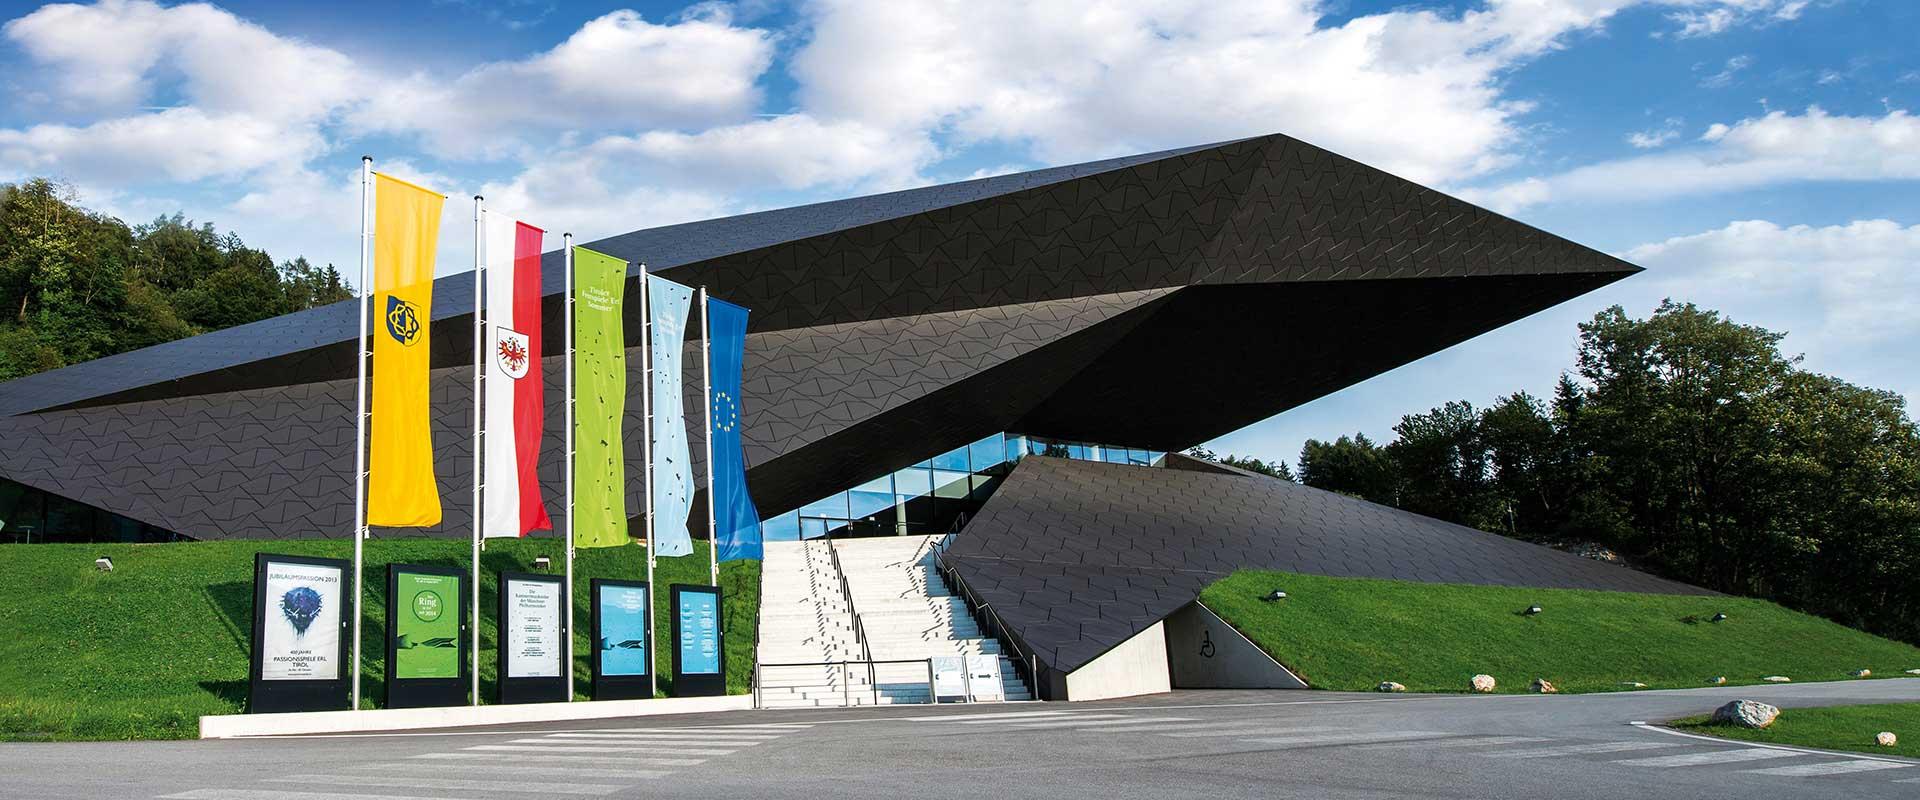 Festspielhaus in Erl